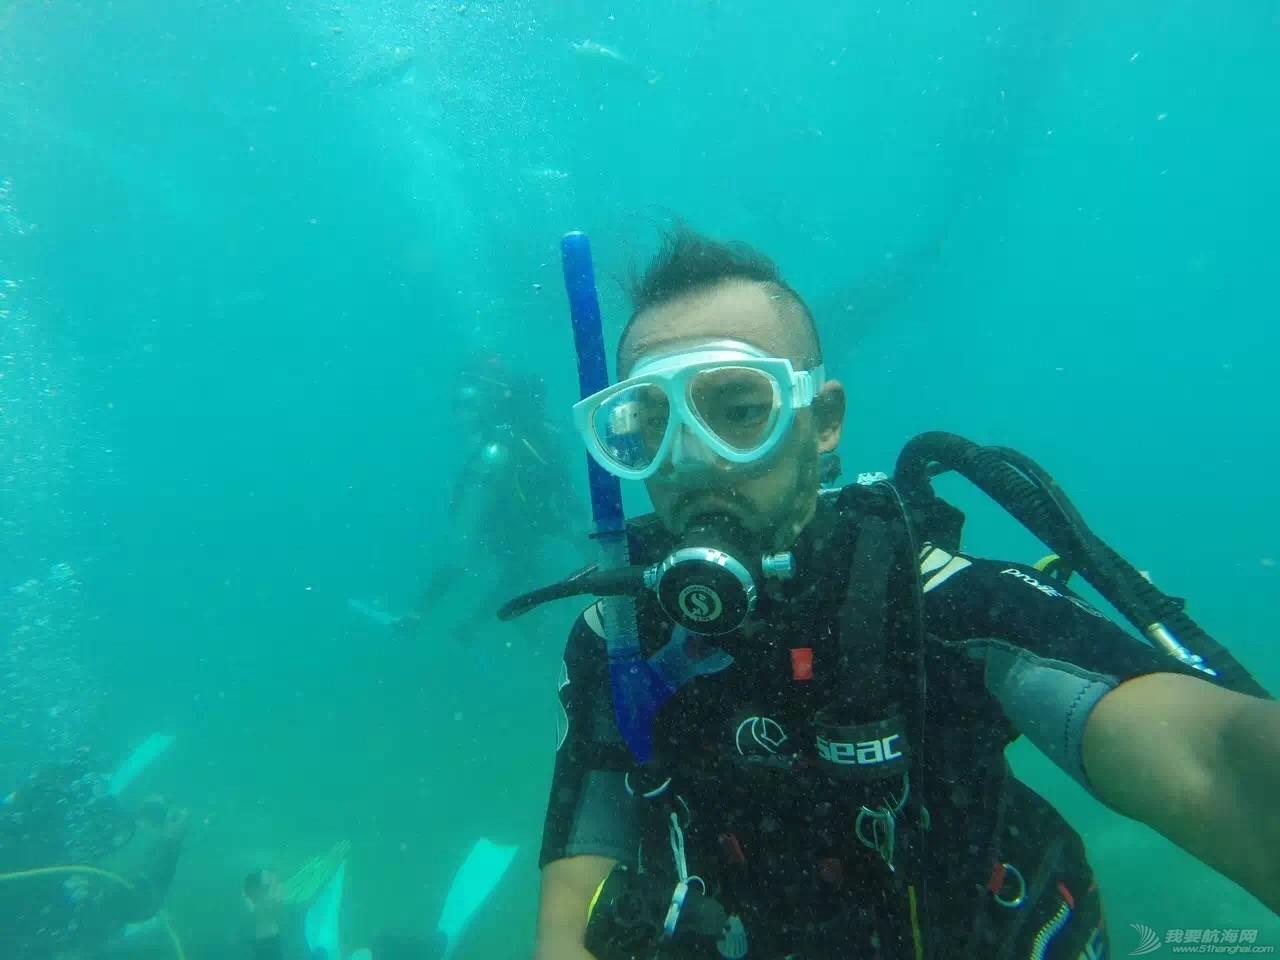 论自由潜水在航海中的实用性 3ed033ffd7c1a2ea91c6d0b6fd8e2757.jpg